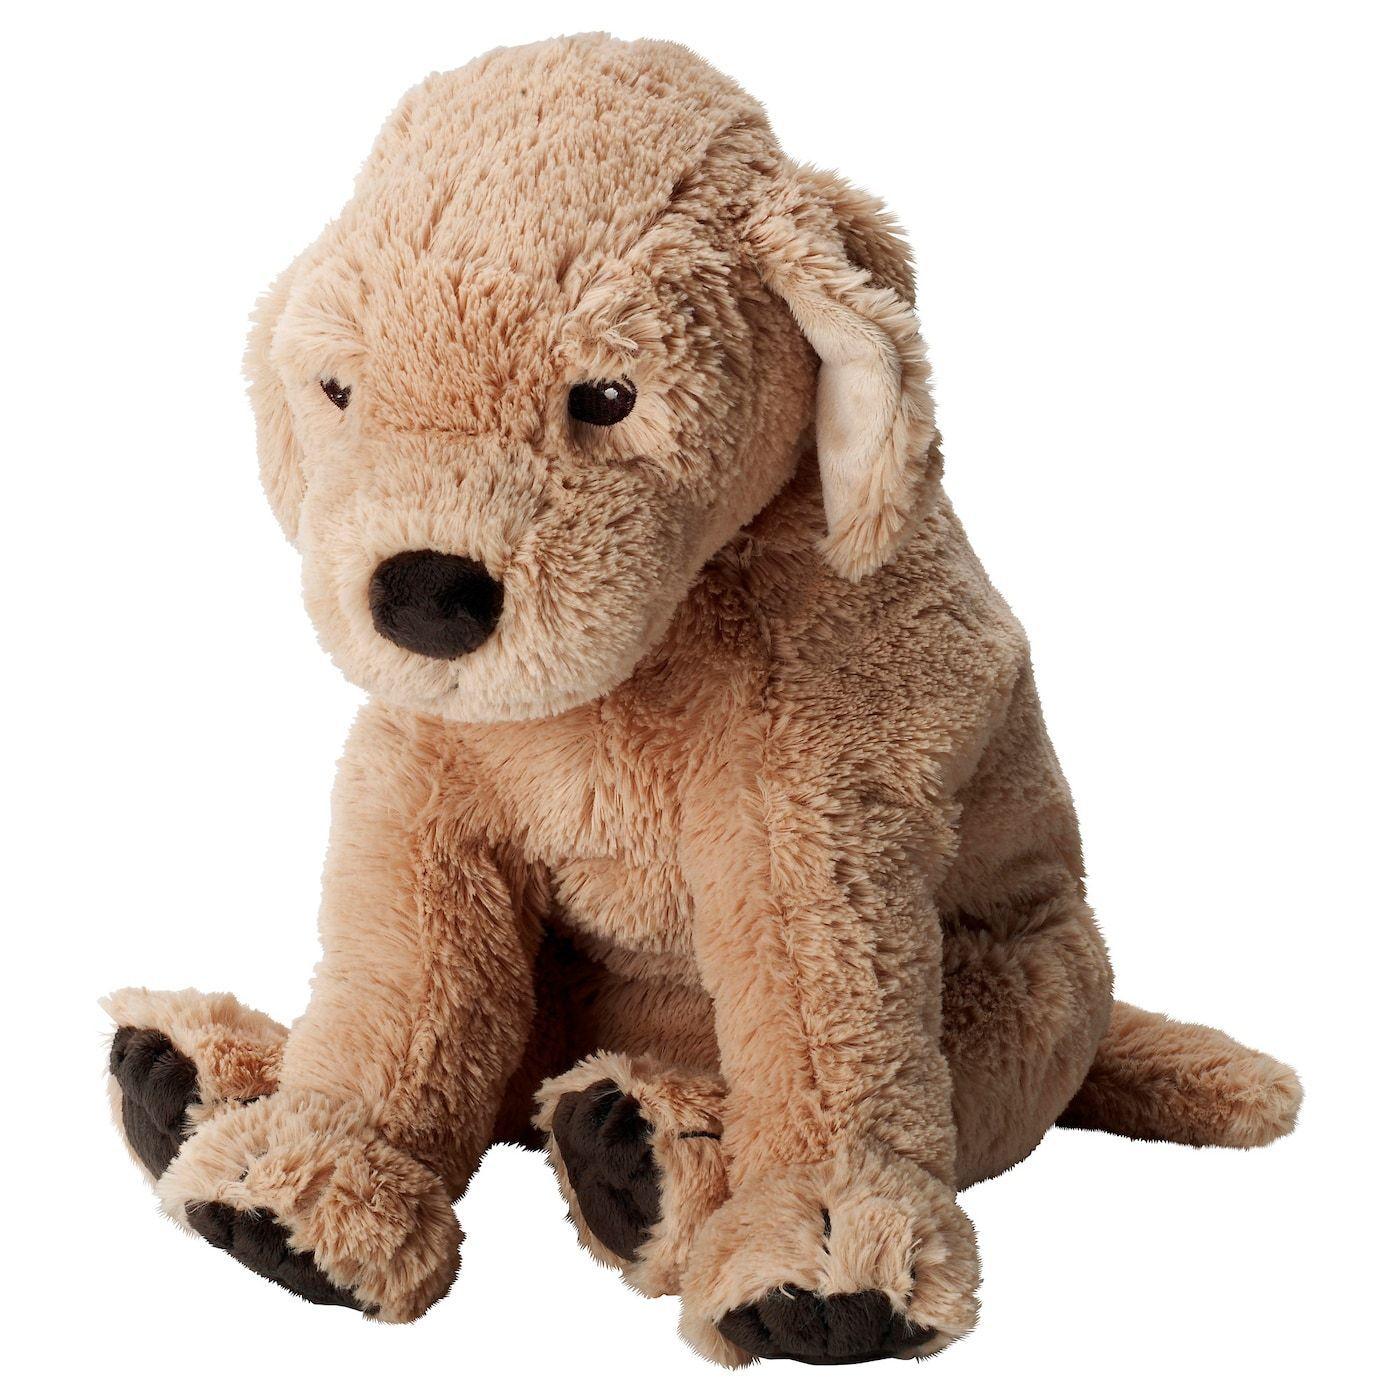 Gosig Golden Stofftier Hund Gelb Golden Retriever Ikea Osterreich In 2020 Kuscheltier Hund Hundespielzeug Tiger Hund